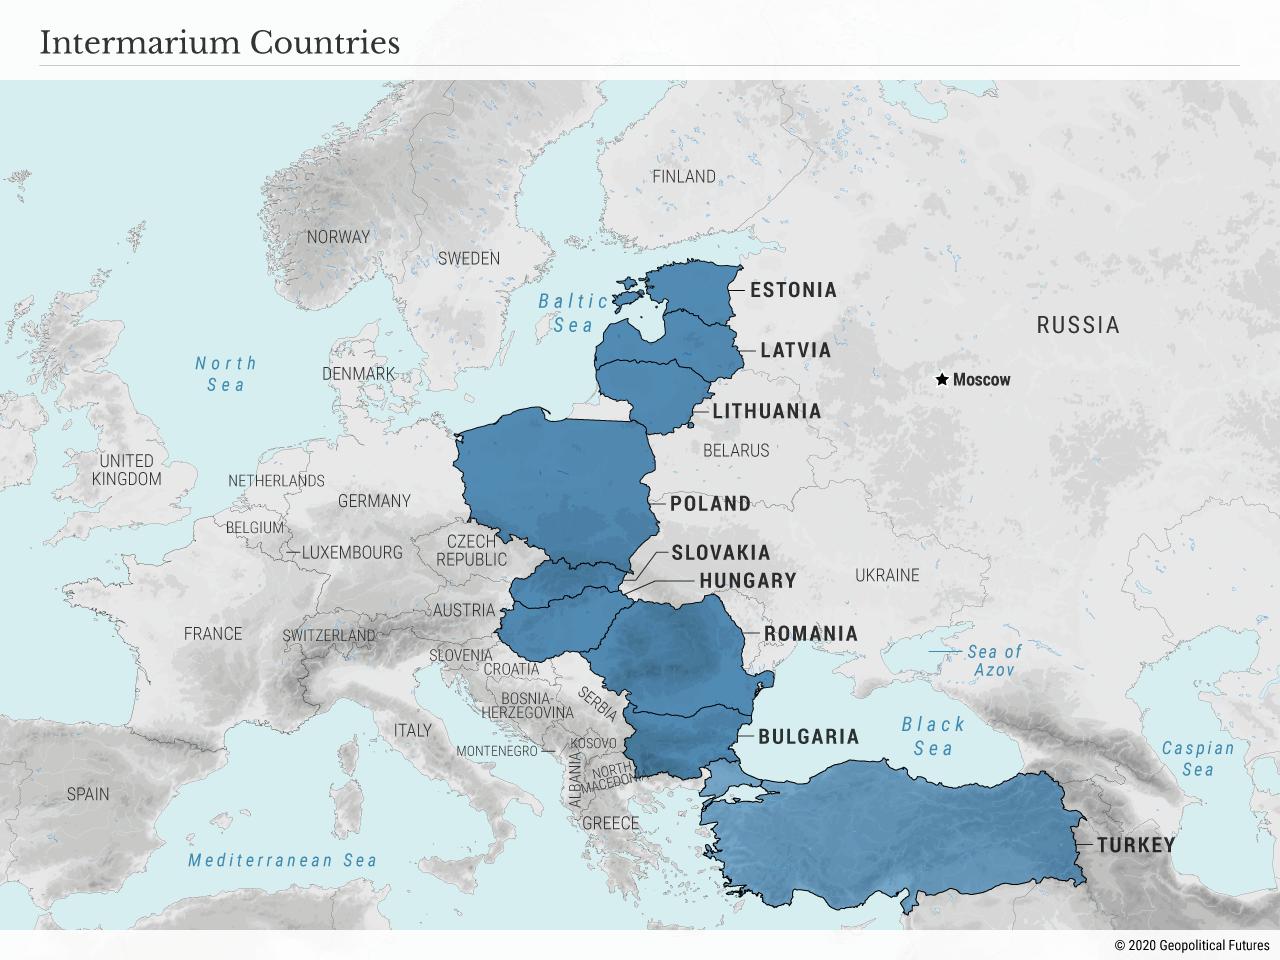 europe-european-union-intermarium-v2